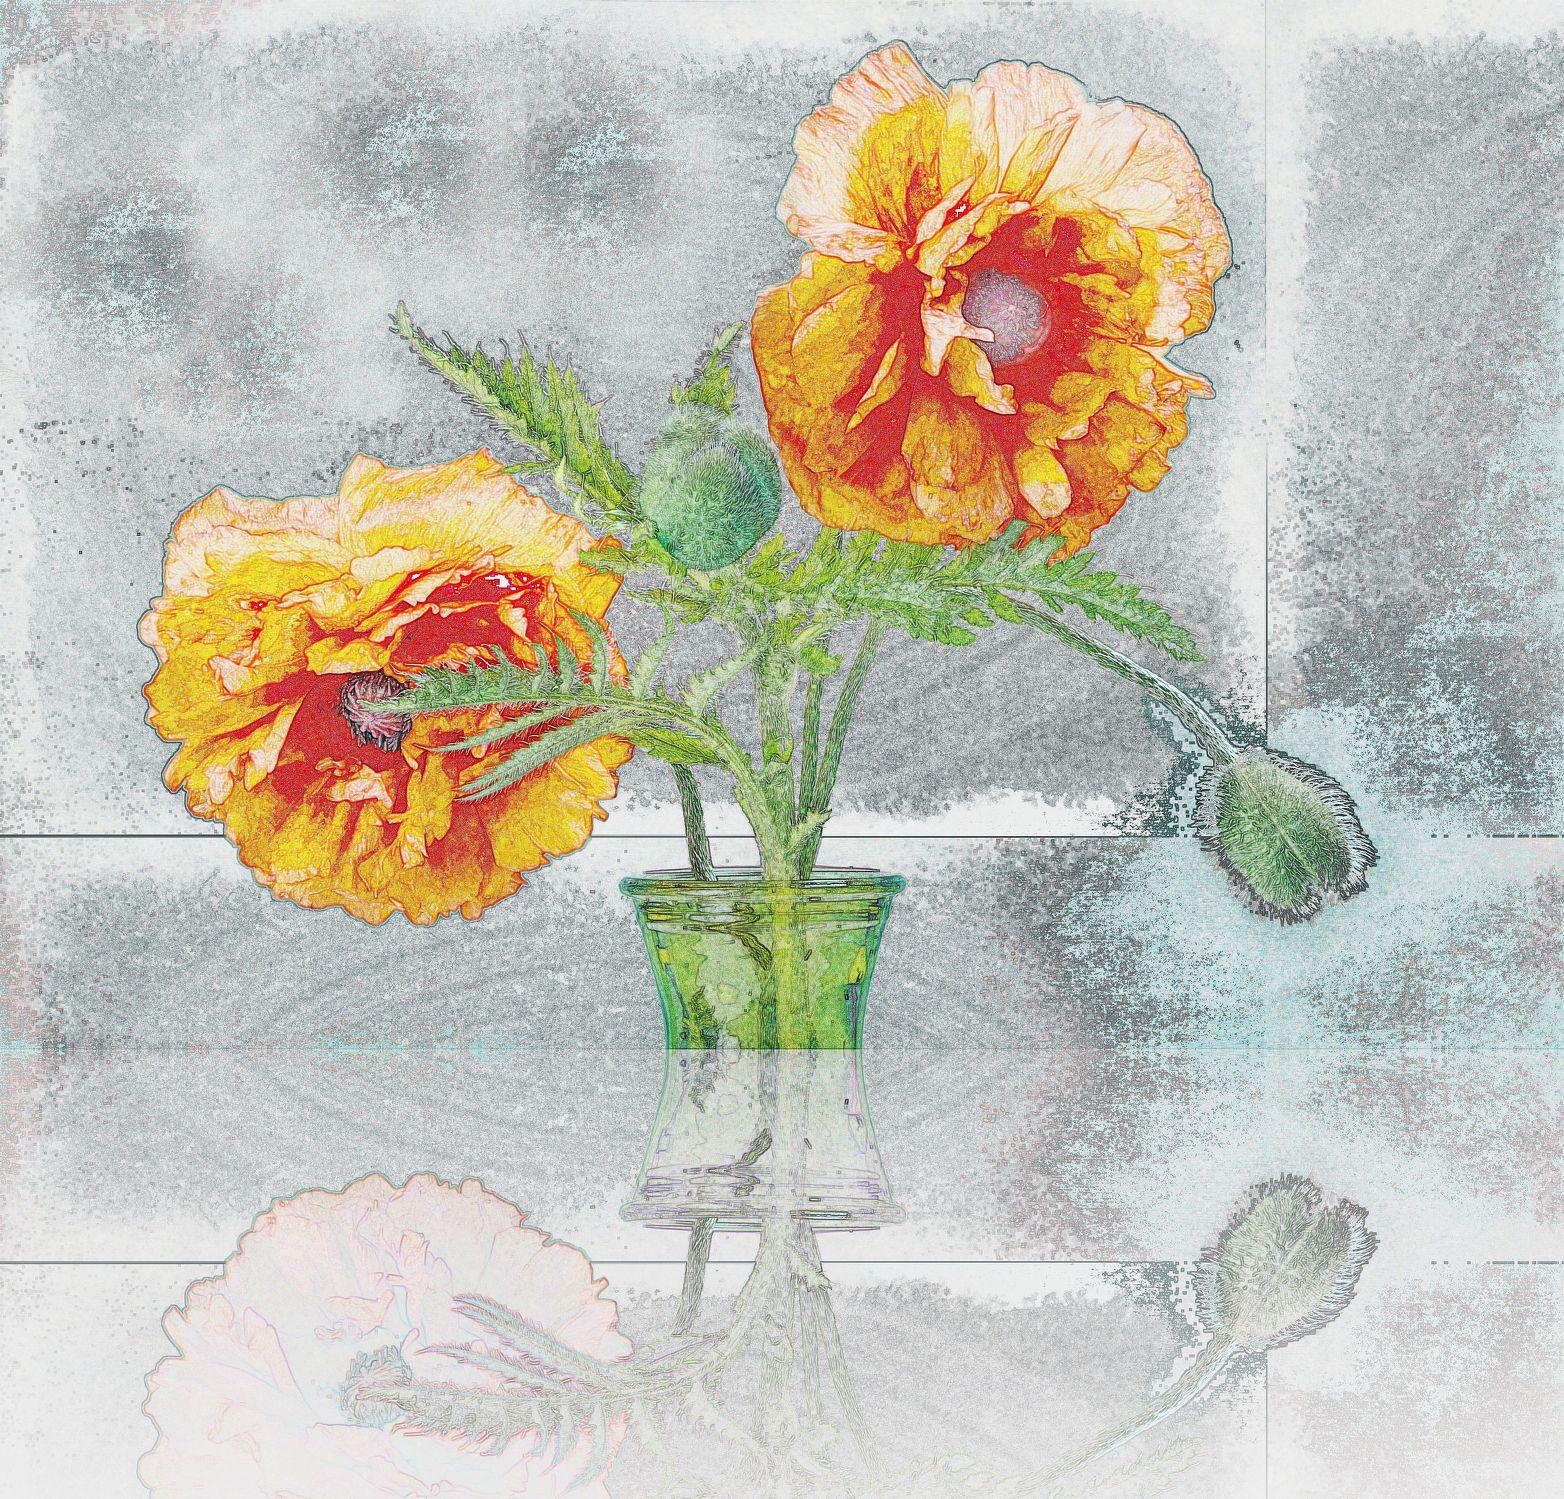 Bild mit Kunst, Pflanzen, Blumen, Mohn, Zeichnung, Blume, Pflanze, Mohnblume, Mohnblüte, Floral, Florales, Mohnblumen, weich, soft, mohnblüten